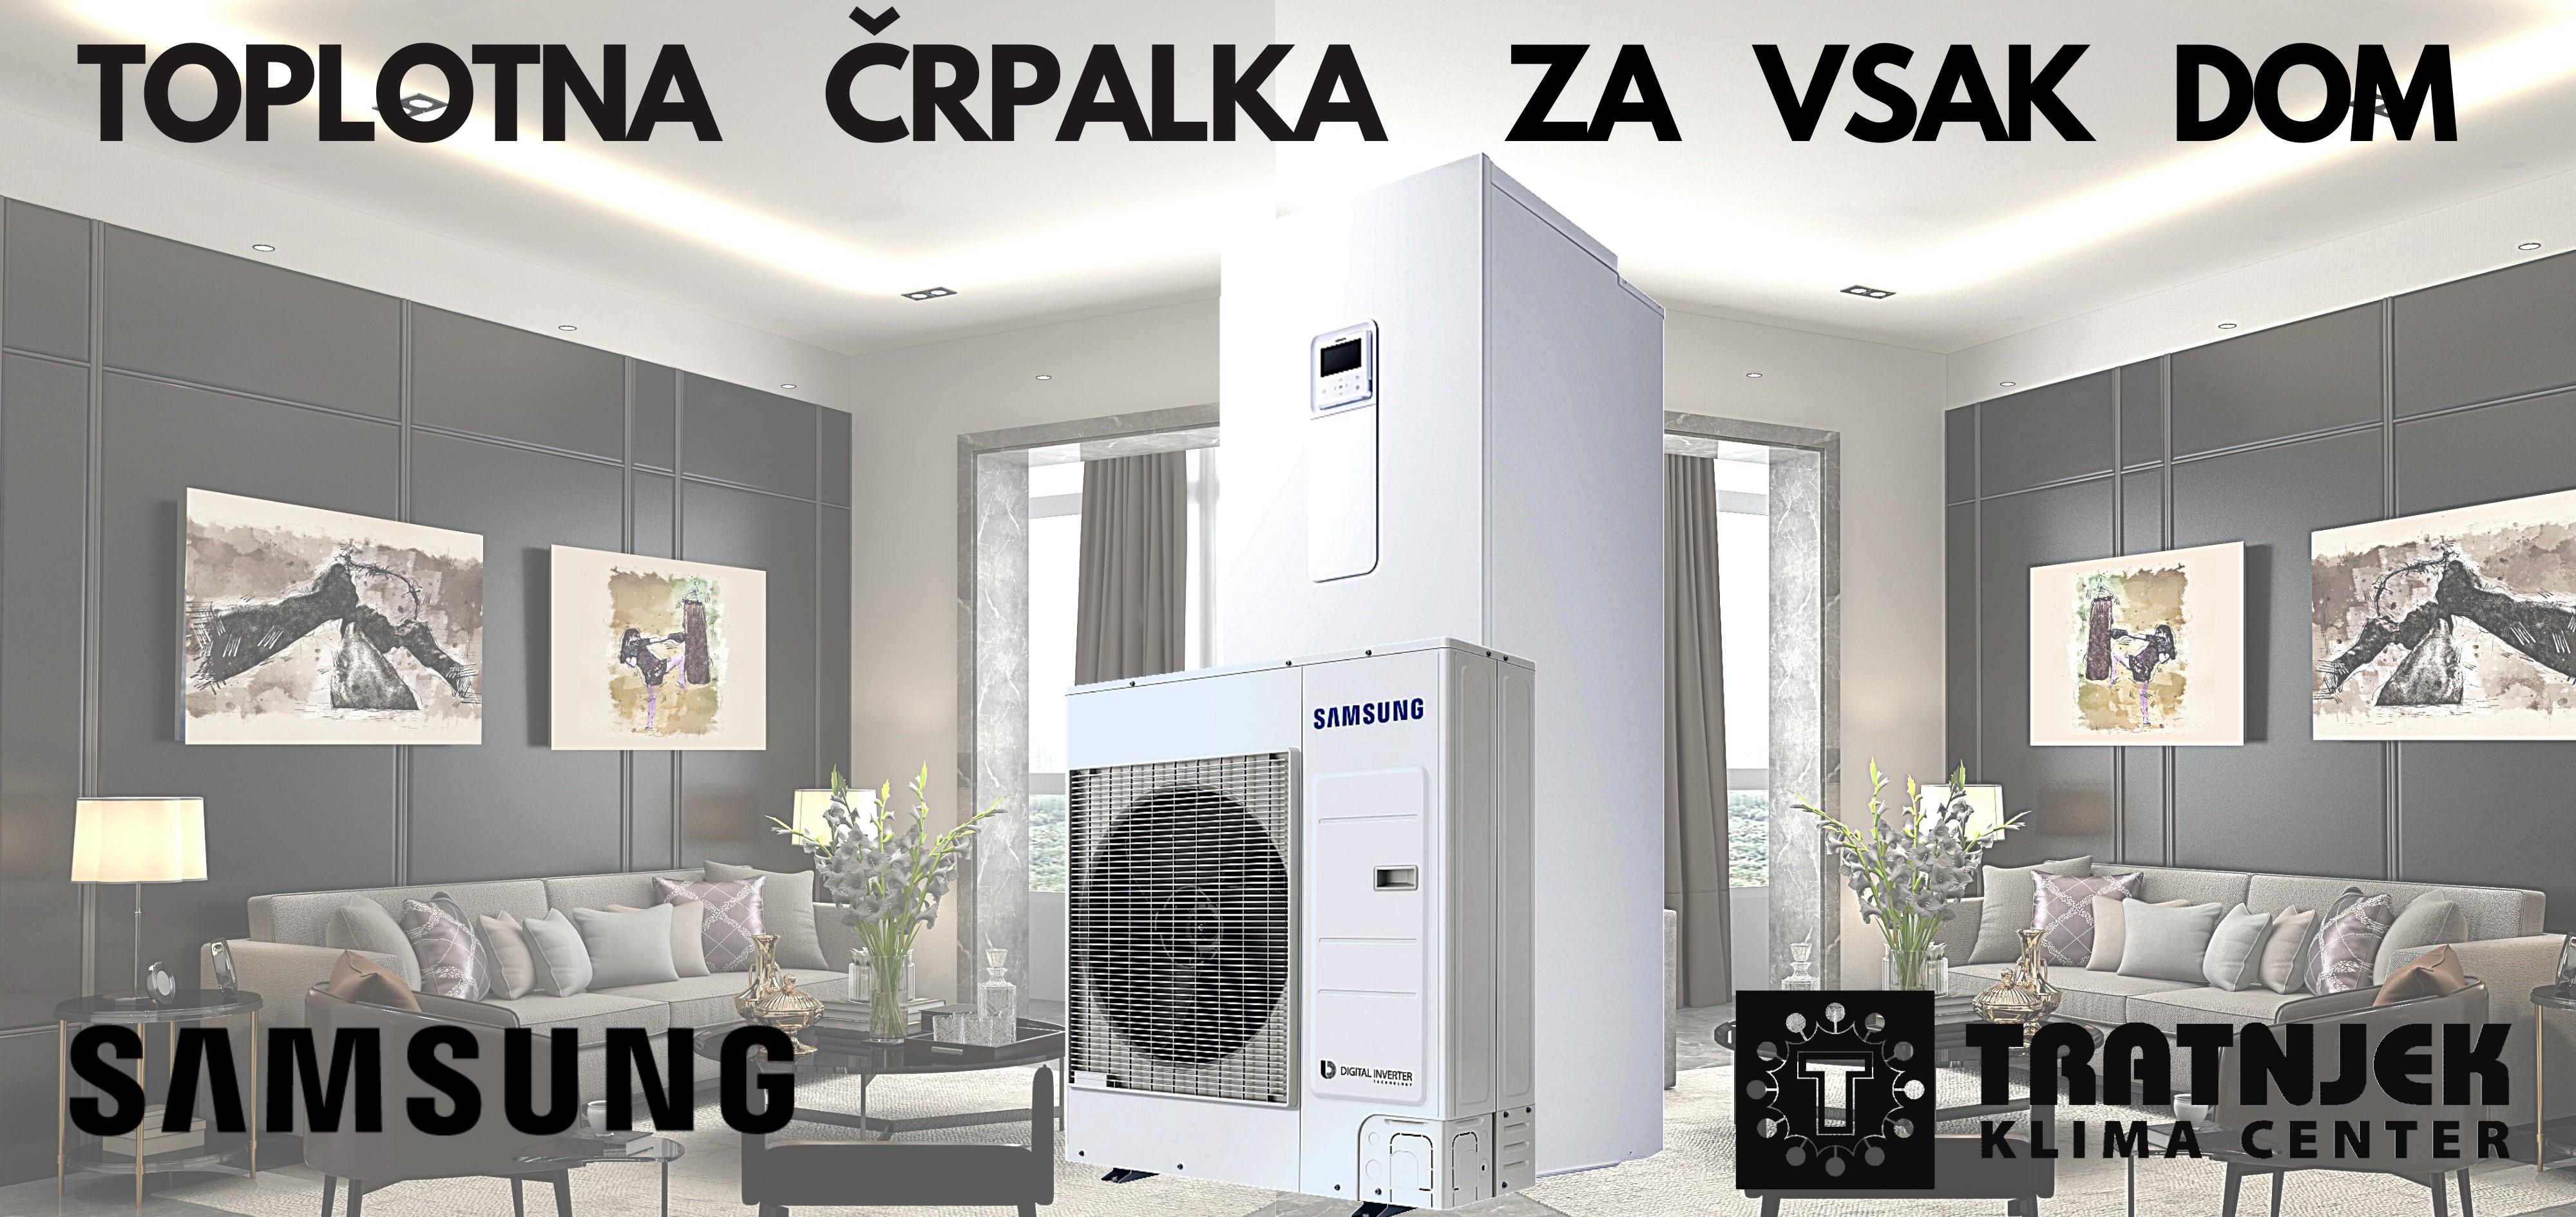 Τα ψυγεία και οι θερμαντήρες Samsung είναι φιλικά προς το χρήστη και οι λύσεις είναι εξελιγμένες.